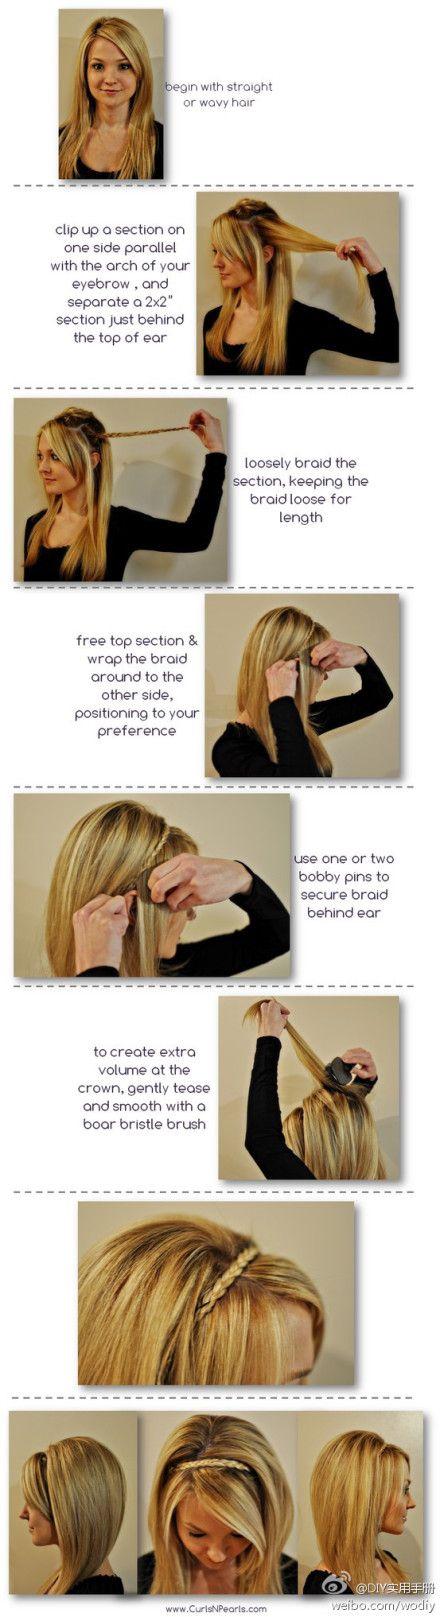 How To: Braid band tutorial! Perfect hair for the festival season. #summer #hair #braid #festival